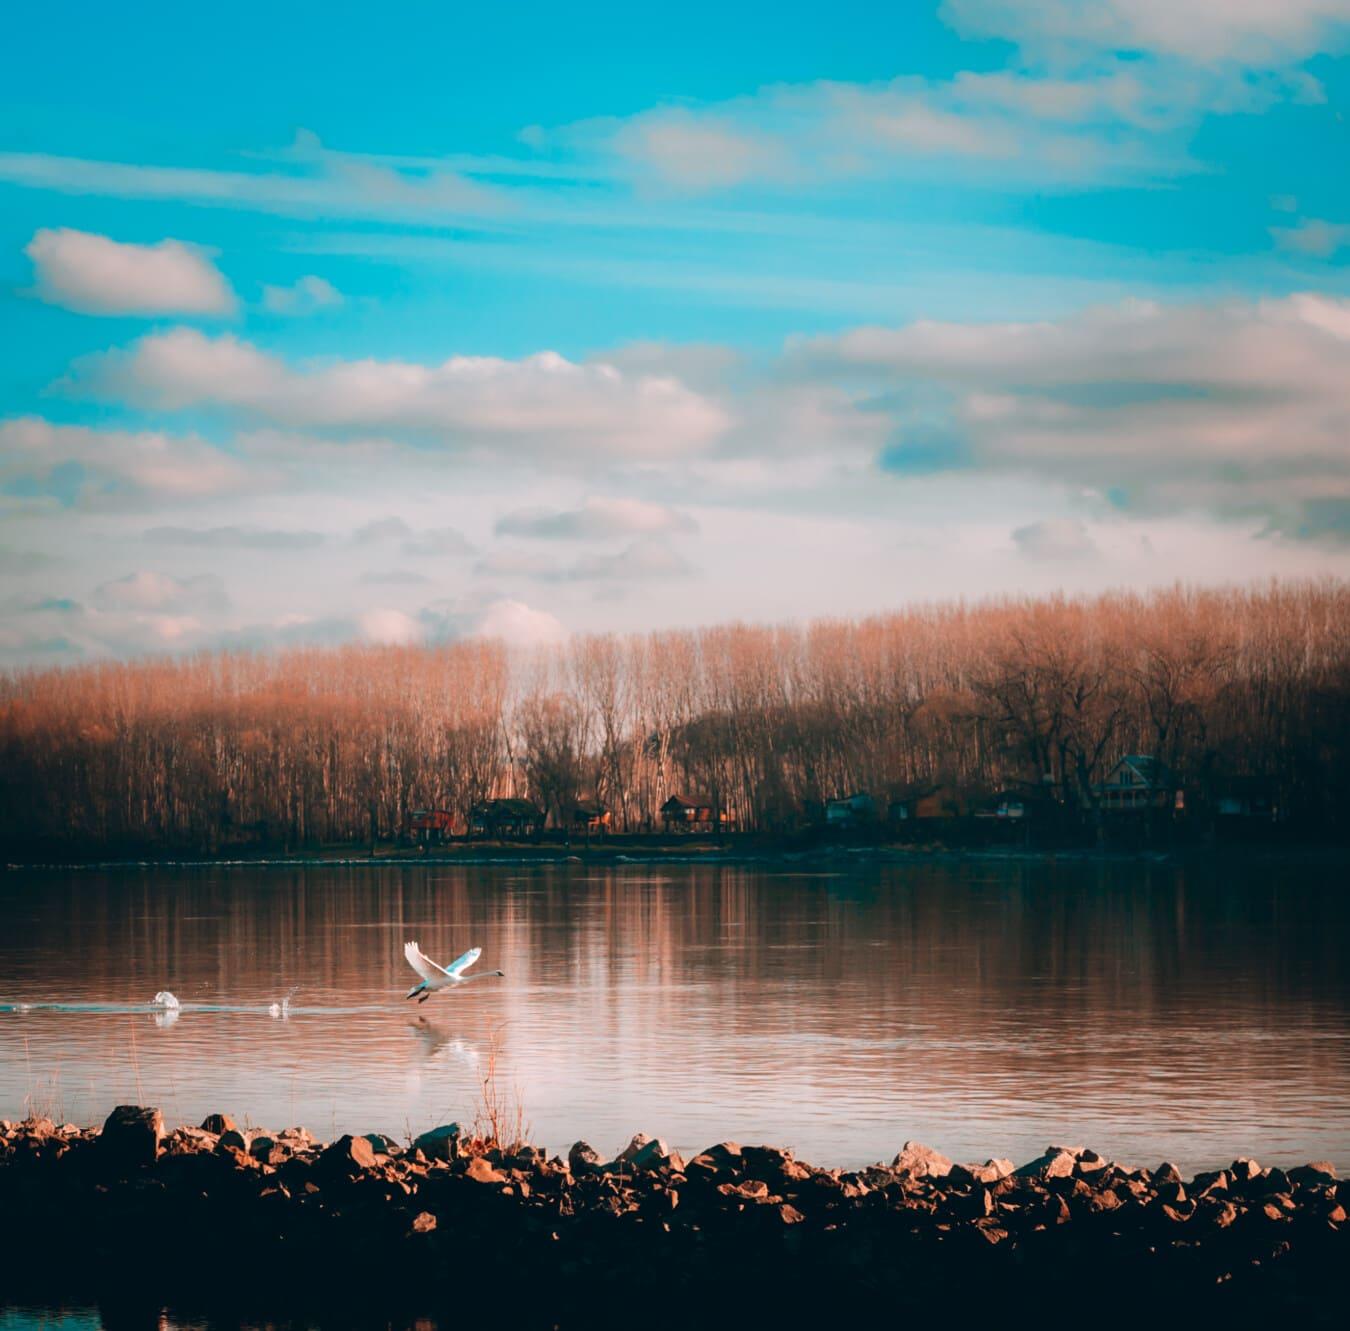 en volant, cygne, qui décolle, eau, rive, réflexion, coucher de soleil, Lac, au bord du lac, paysage